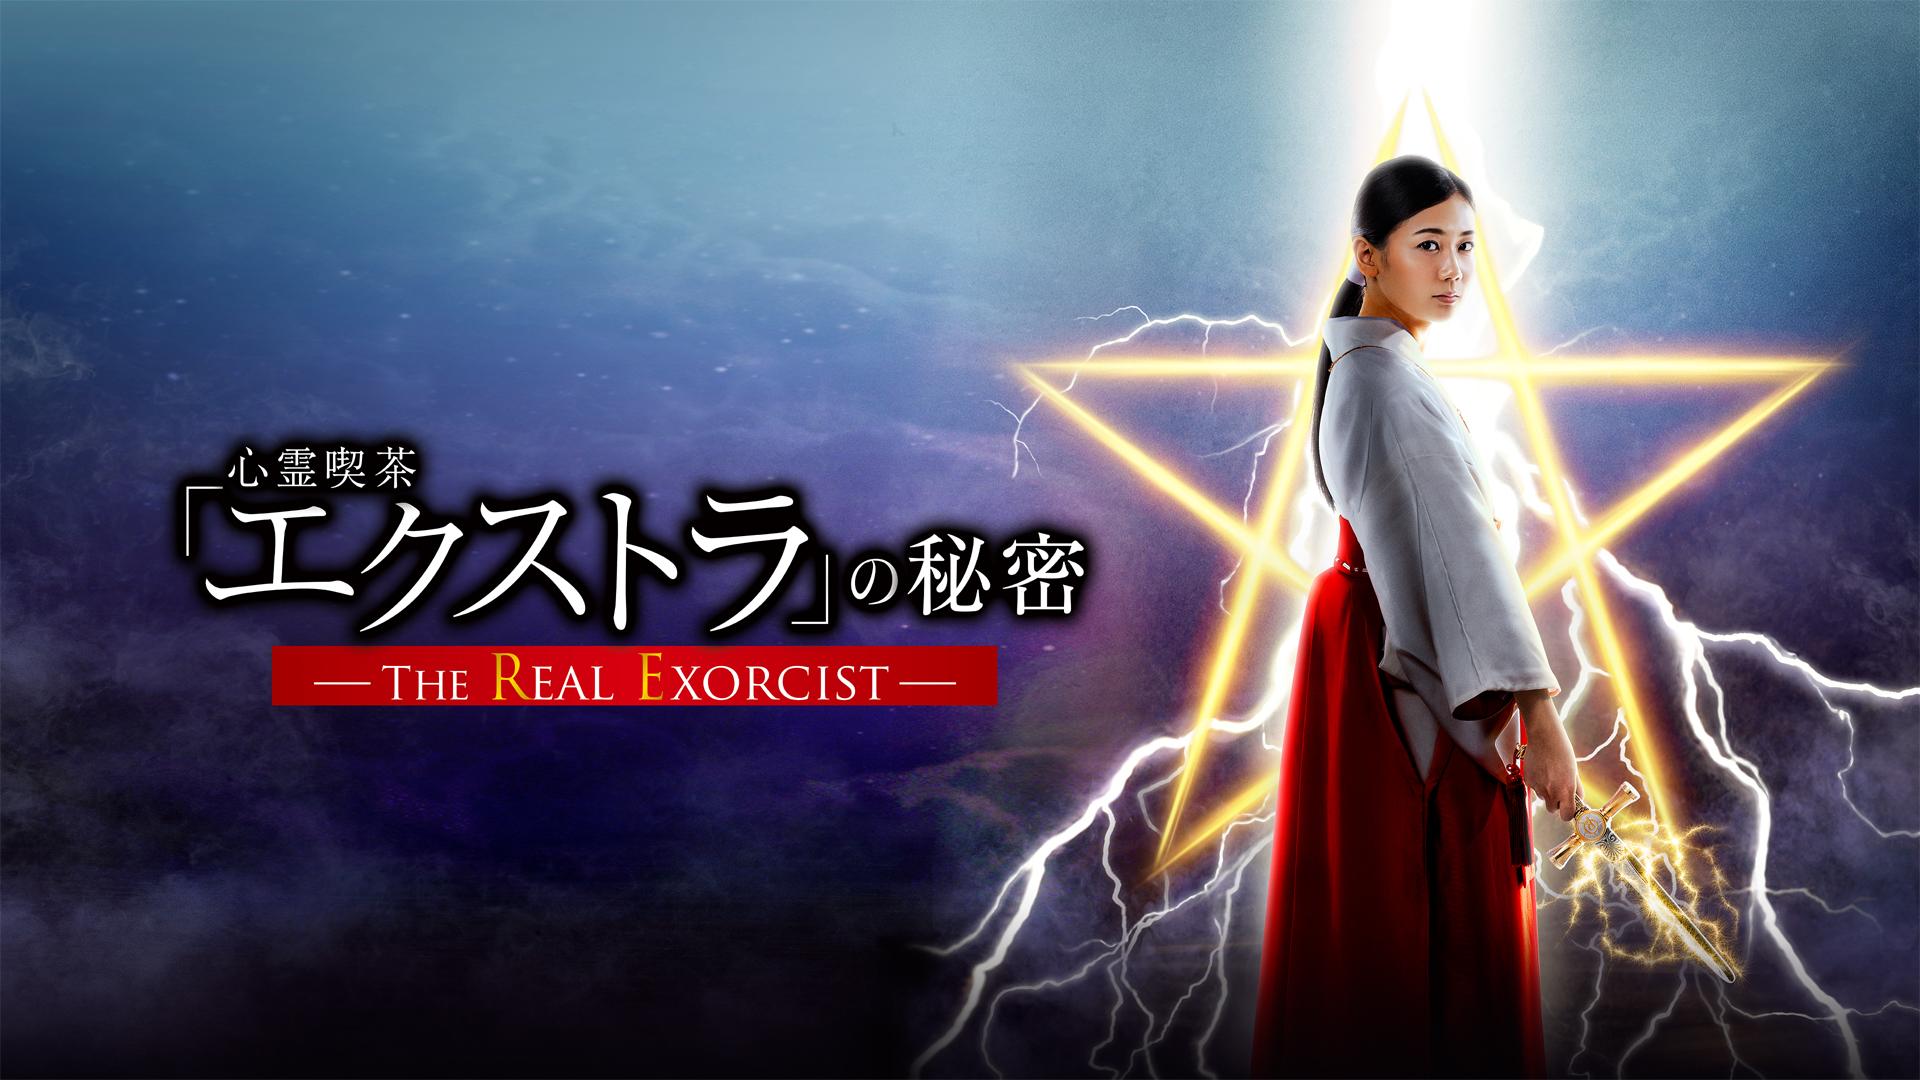 心霊喫茶「エクストラ」の秘密-The Real Exorcist-